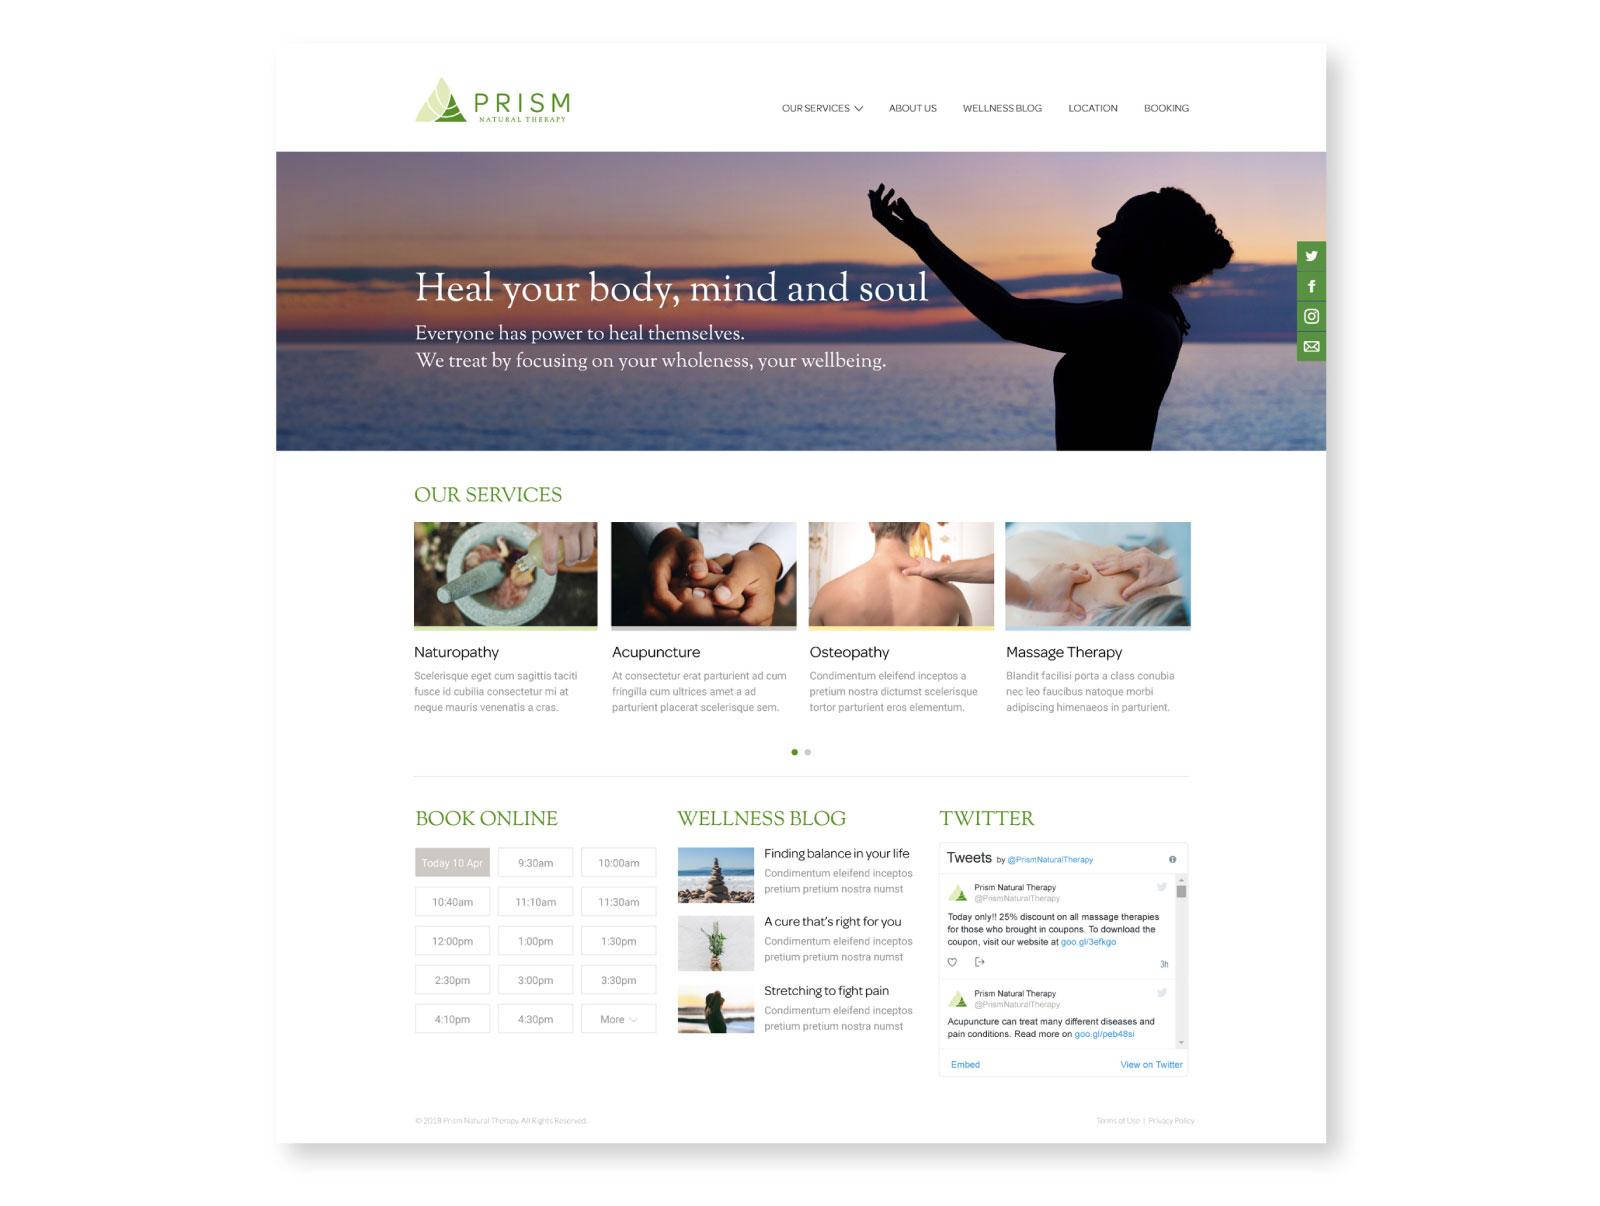 Prism Website Design